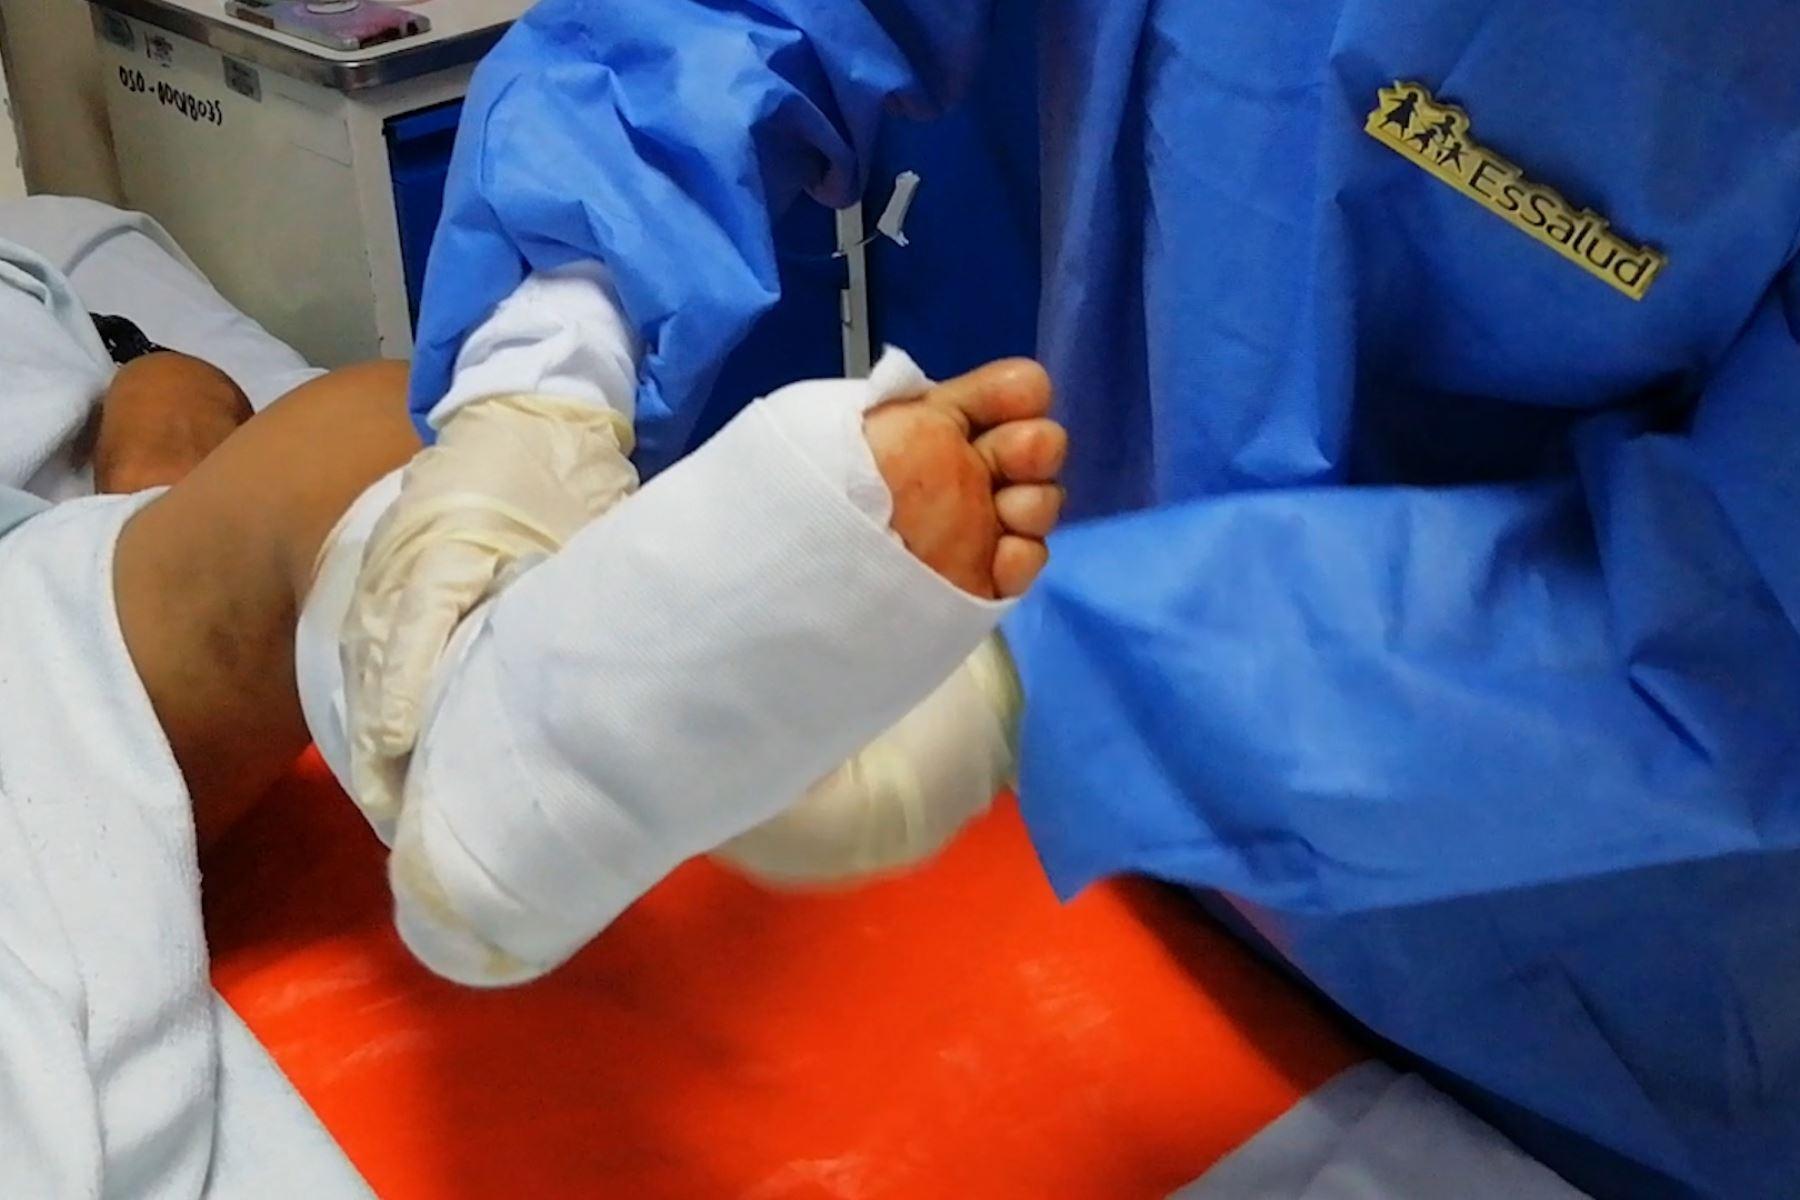 De no ser atendida adecuadamente y a tiempo, podría ocasionar la pérdida de la extremidad afectada. Foto: ANDINA/Prensa Presidencia